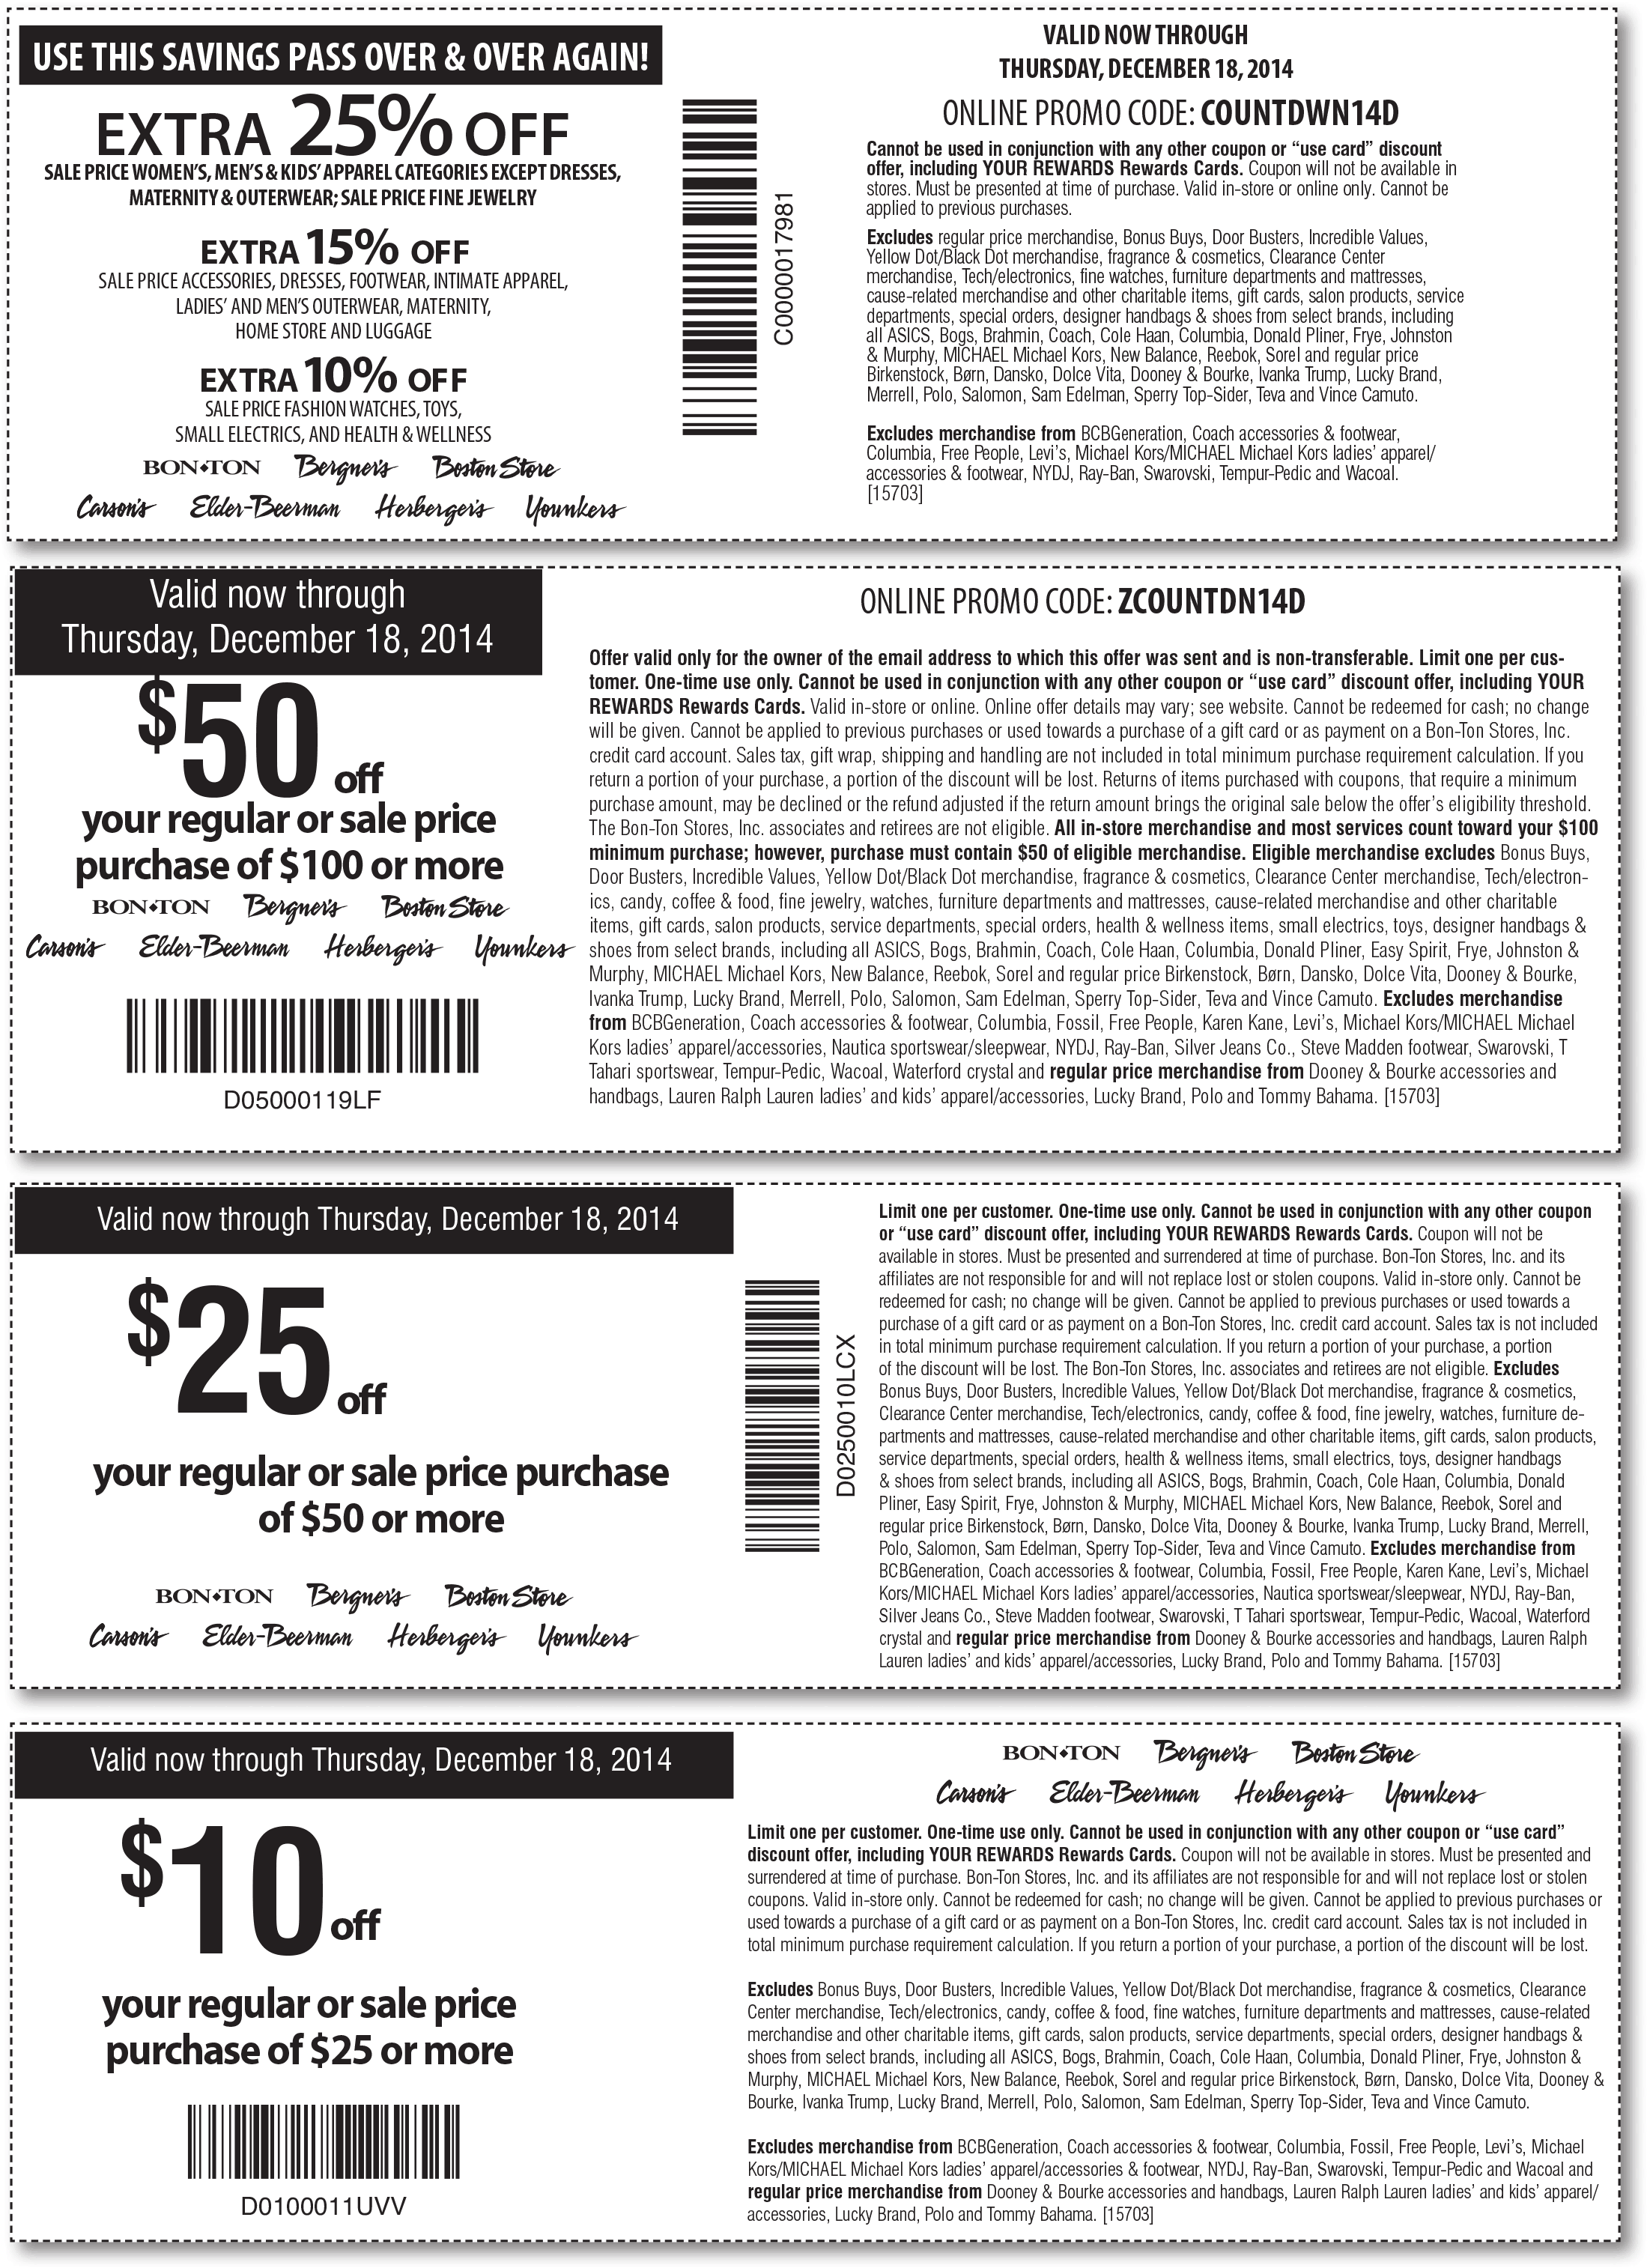 Bon ton coupon codes